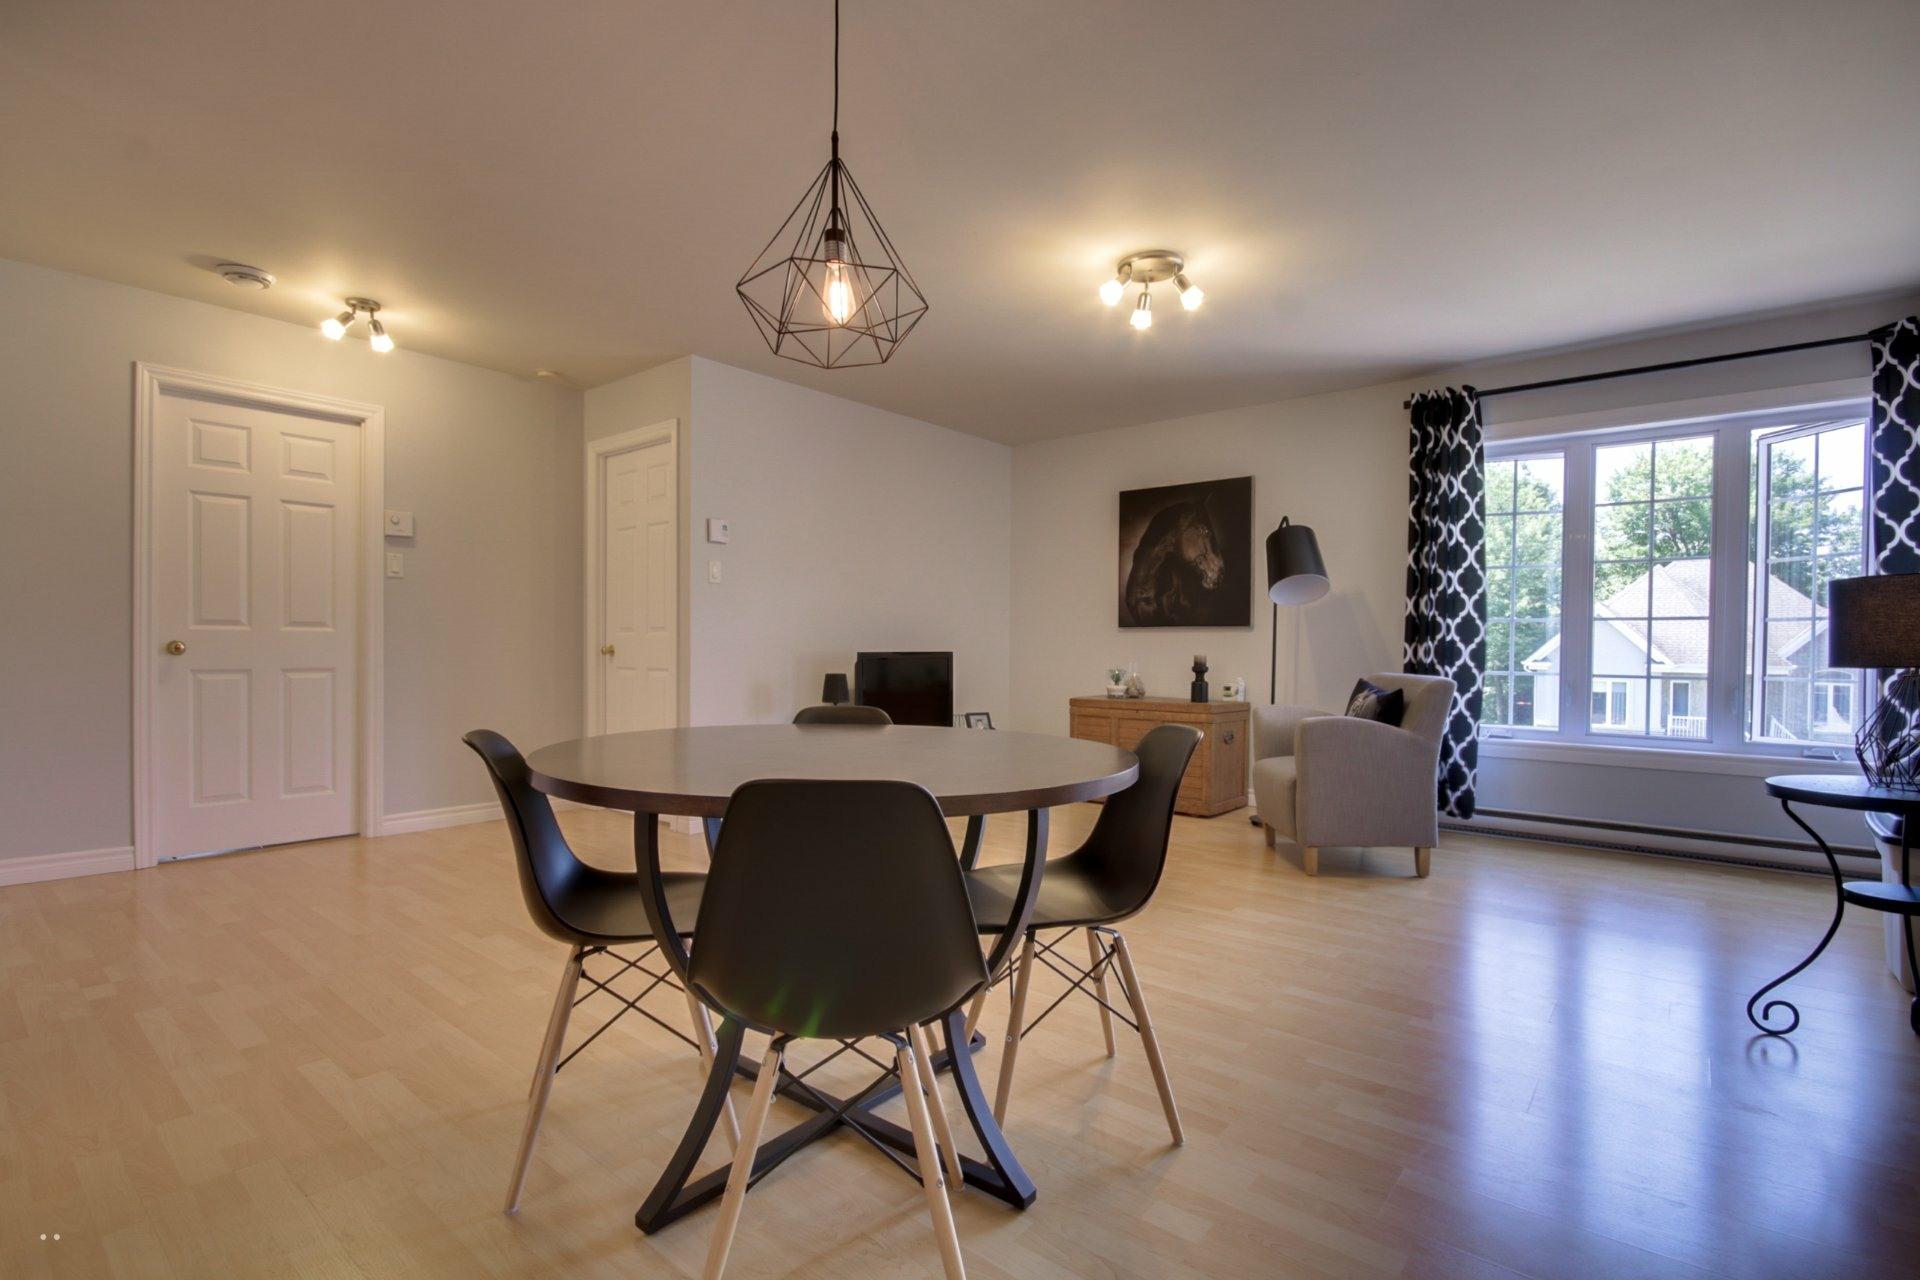 image 33 - Maison À vendre Trois-Rivières